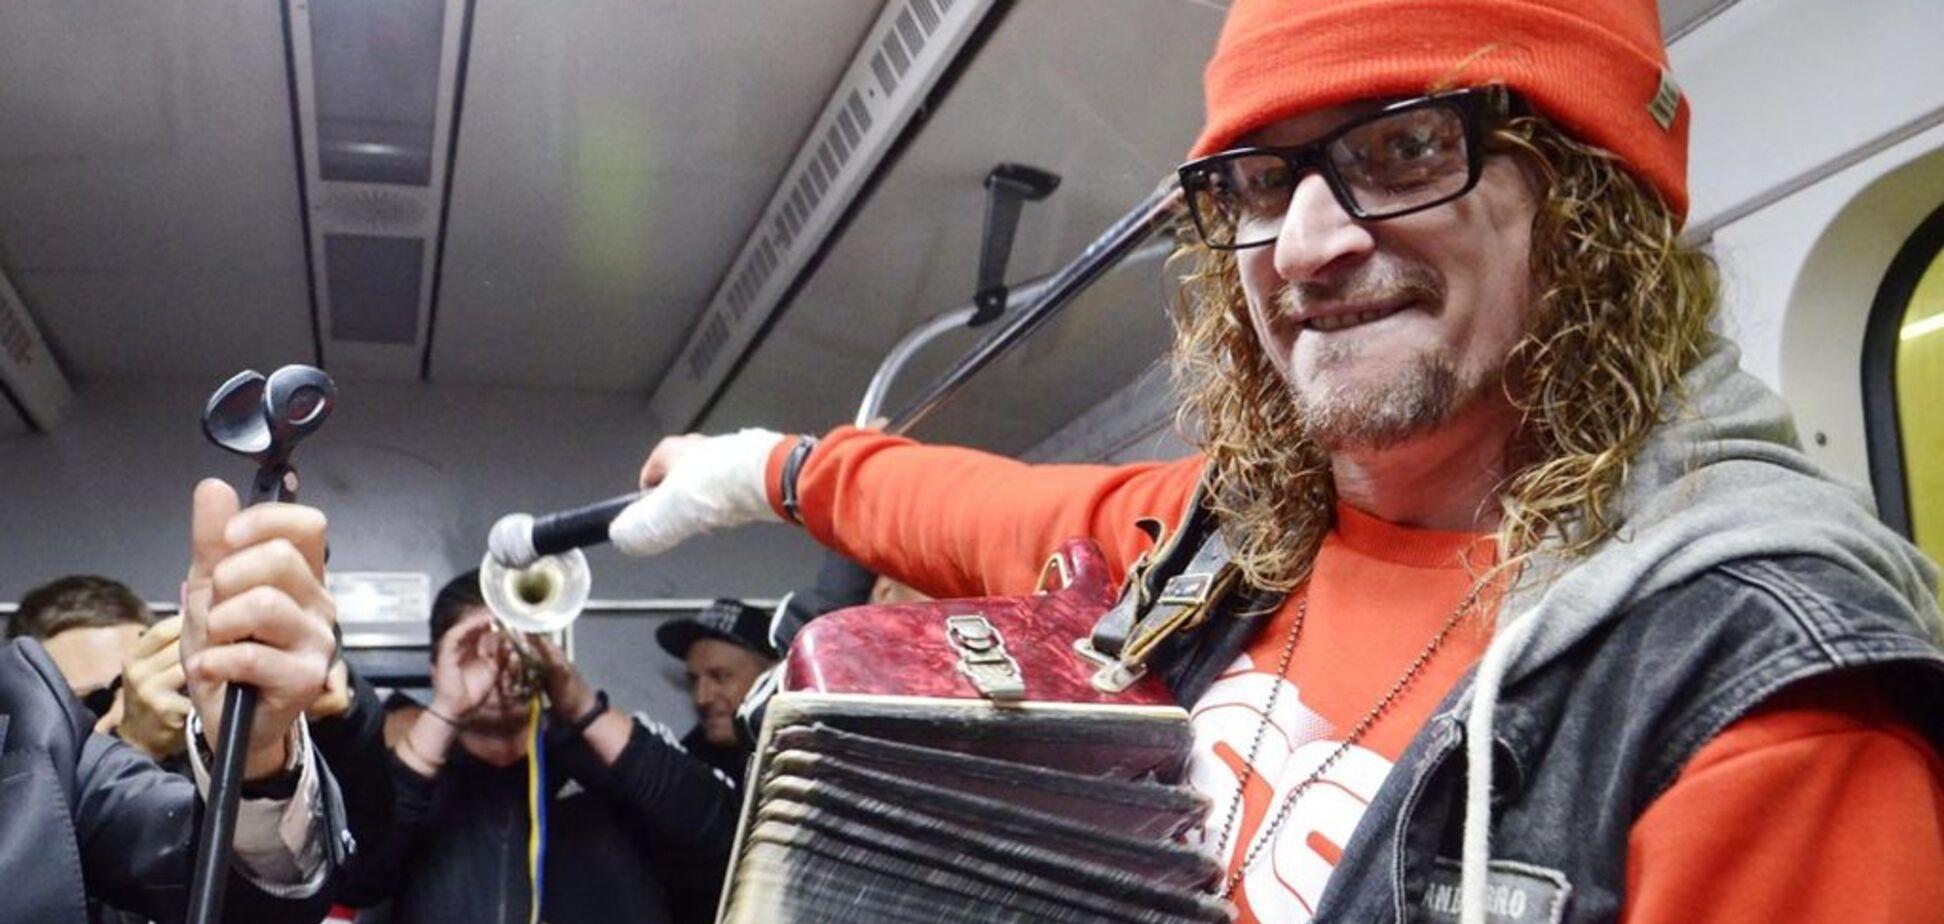 Відомий український гурт влаштував переполох у київському метро: відео